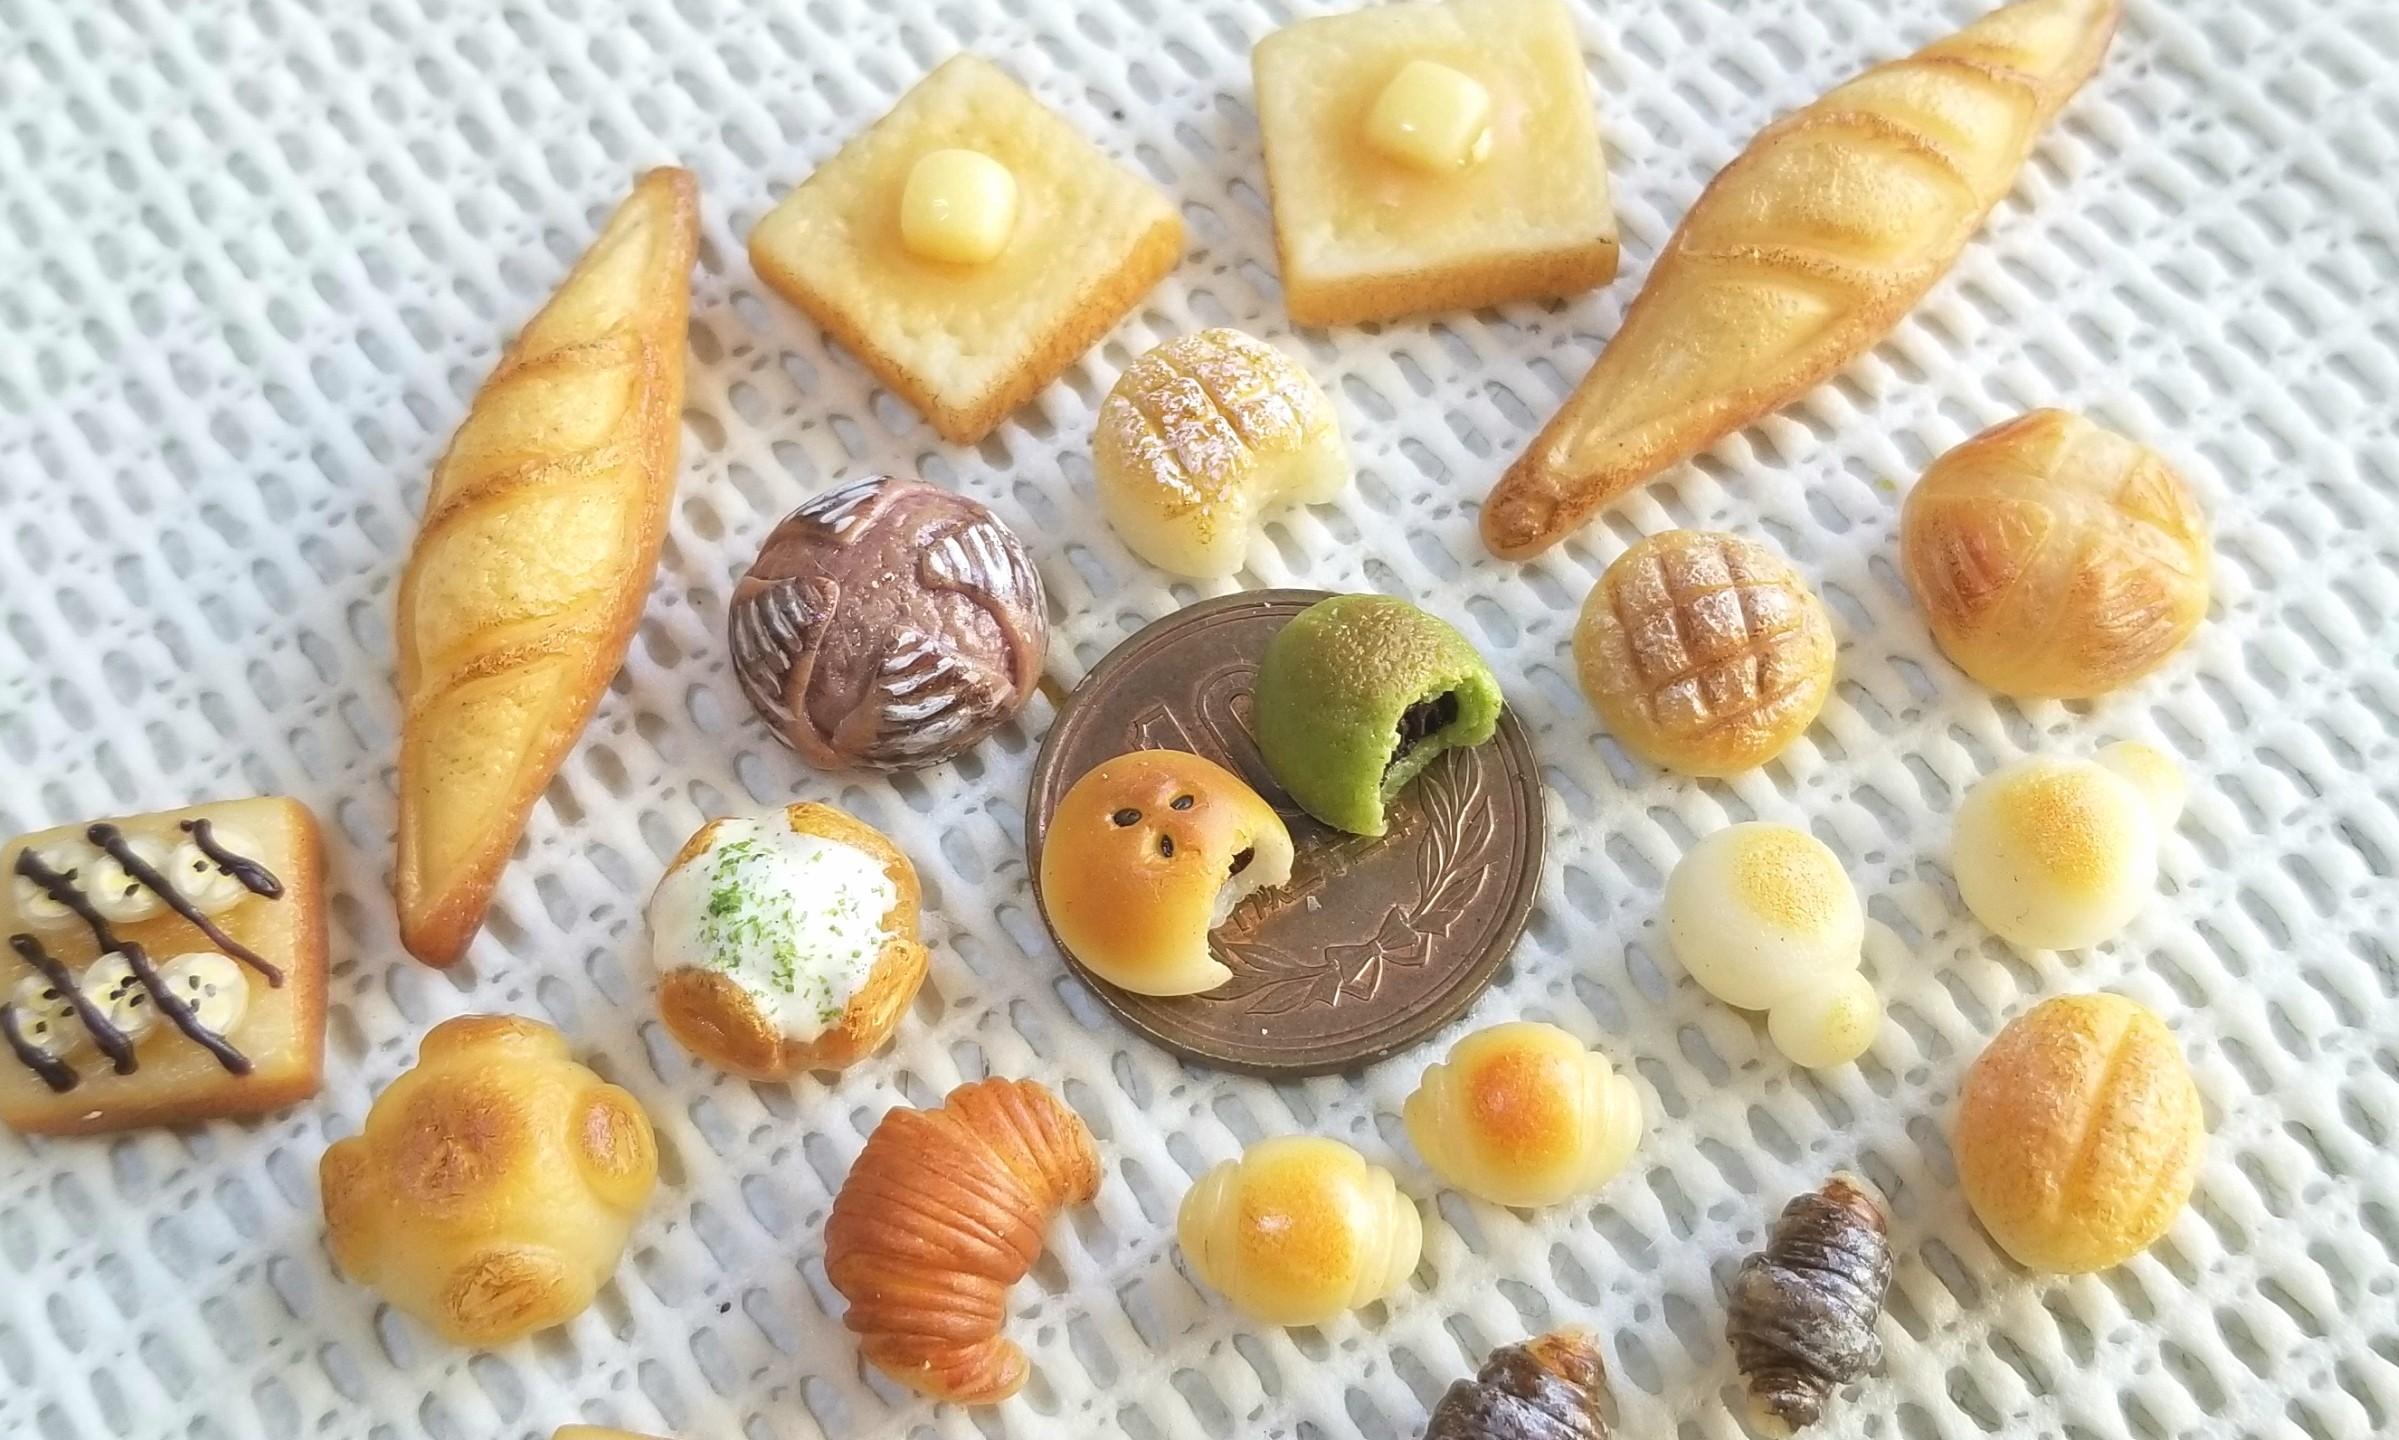 ミニチュアフード,パン,樹脂粘土,フェイクフード,食品サンプル